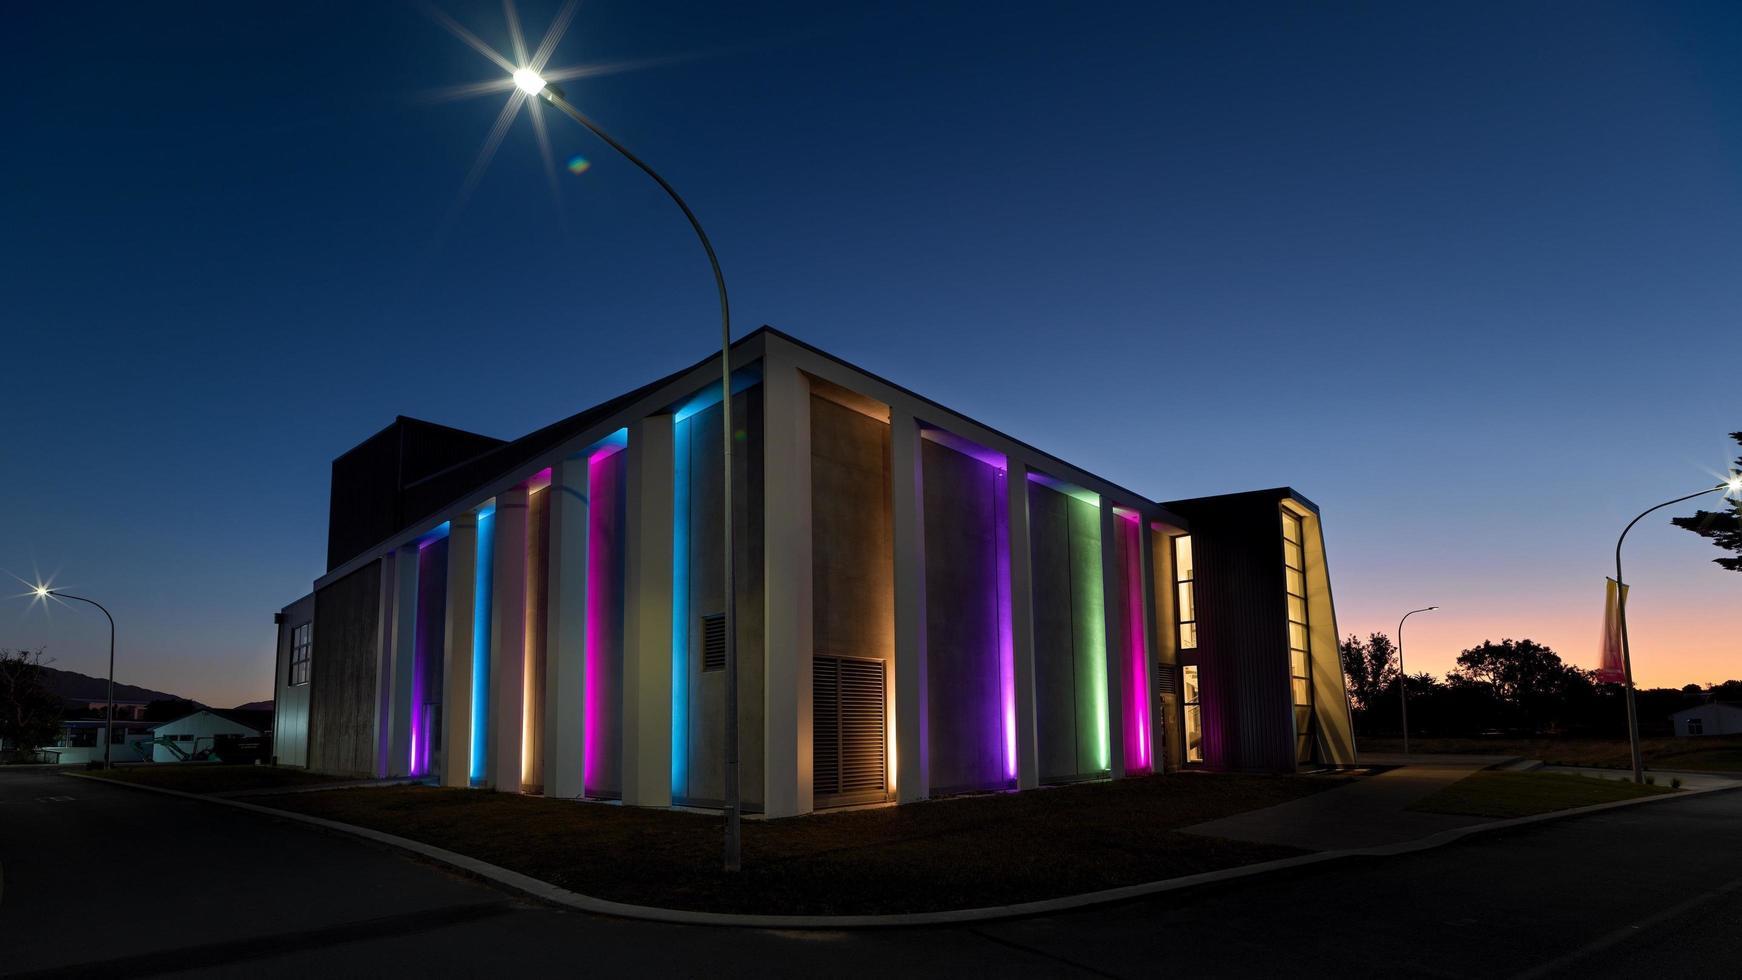 Bâtiment lumineux violet vert et jaune pendant la nuit photo